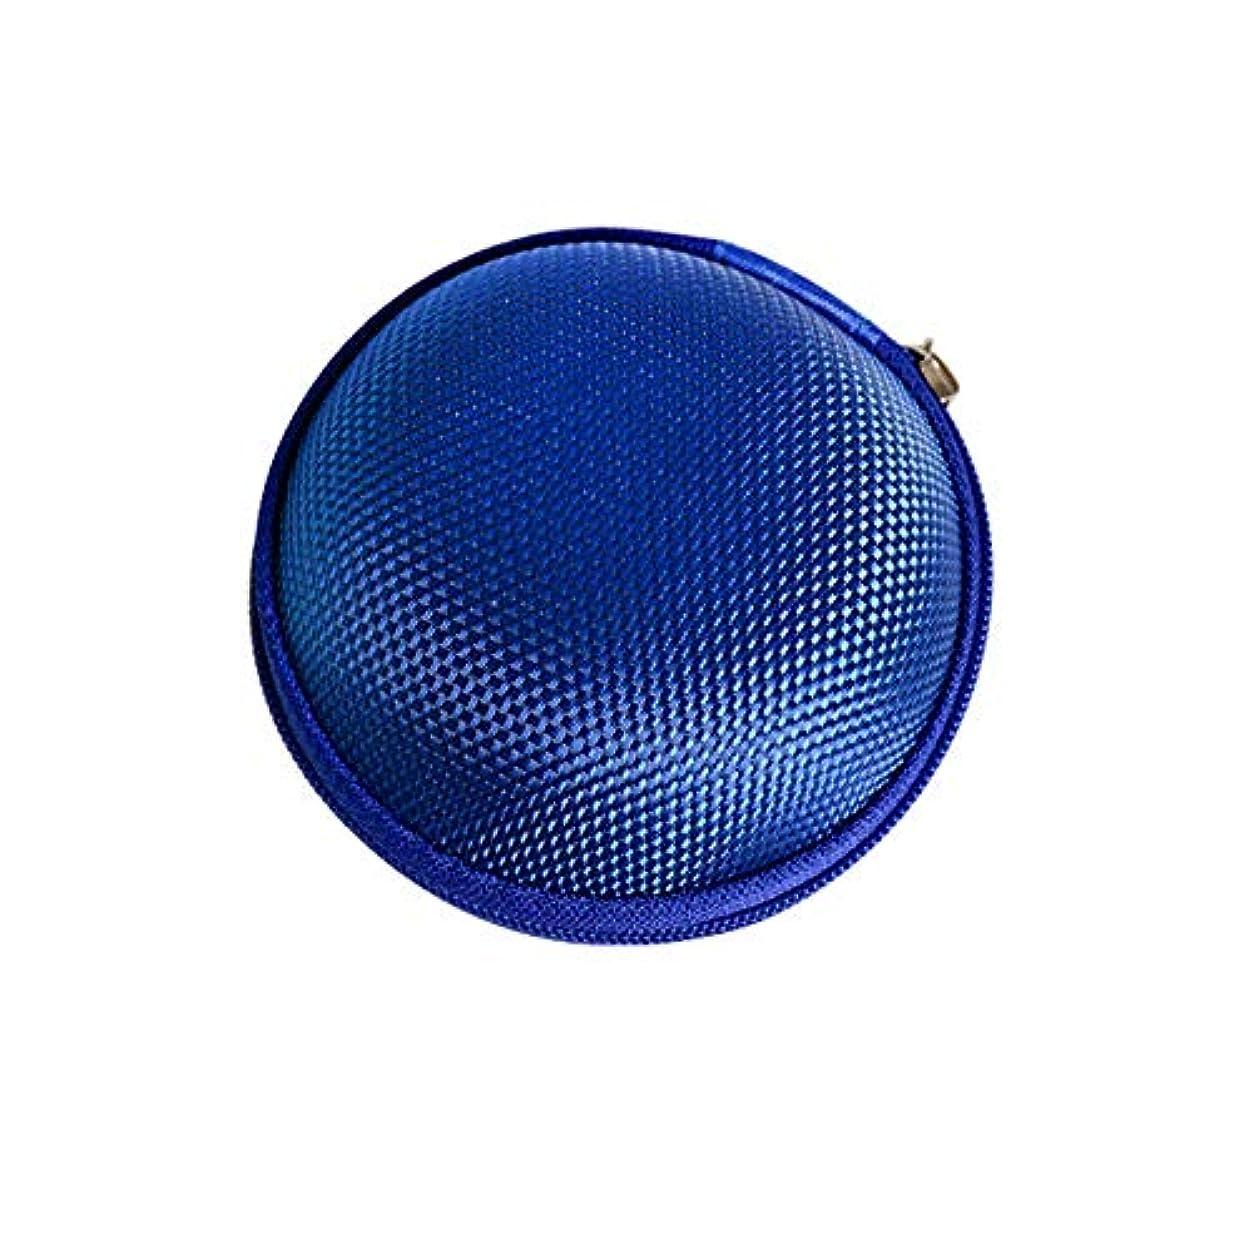 吸う口径視力Chinashow エッセンシャル オイル キャリング ケース - エッセンシャル オイル スモール ストレージ オーガナイザー フォーム インサート と 7本 ボトル付き(2ml) ブルー